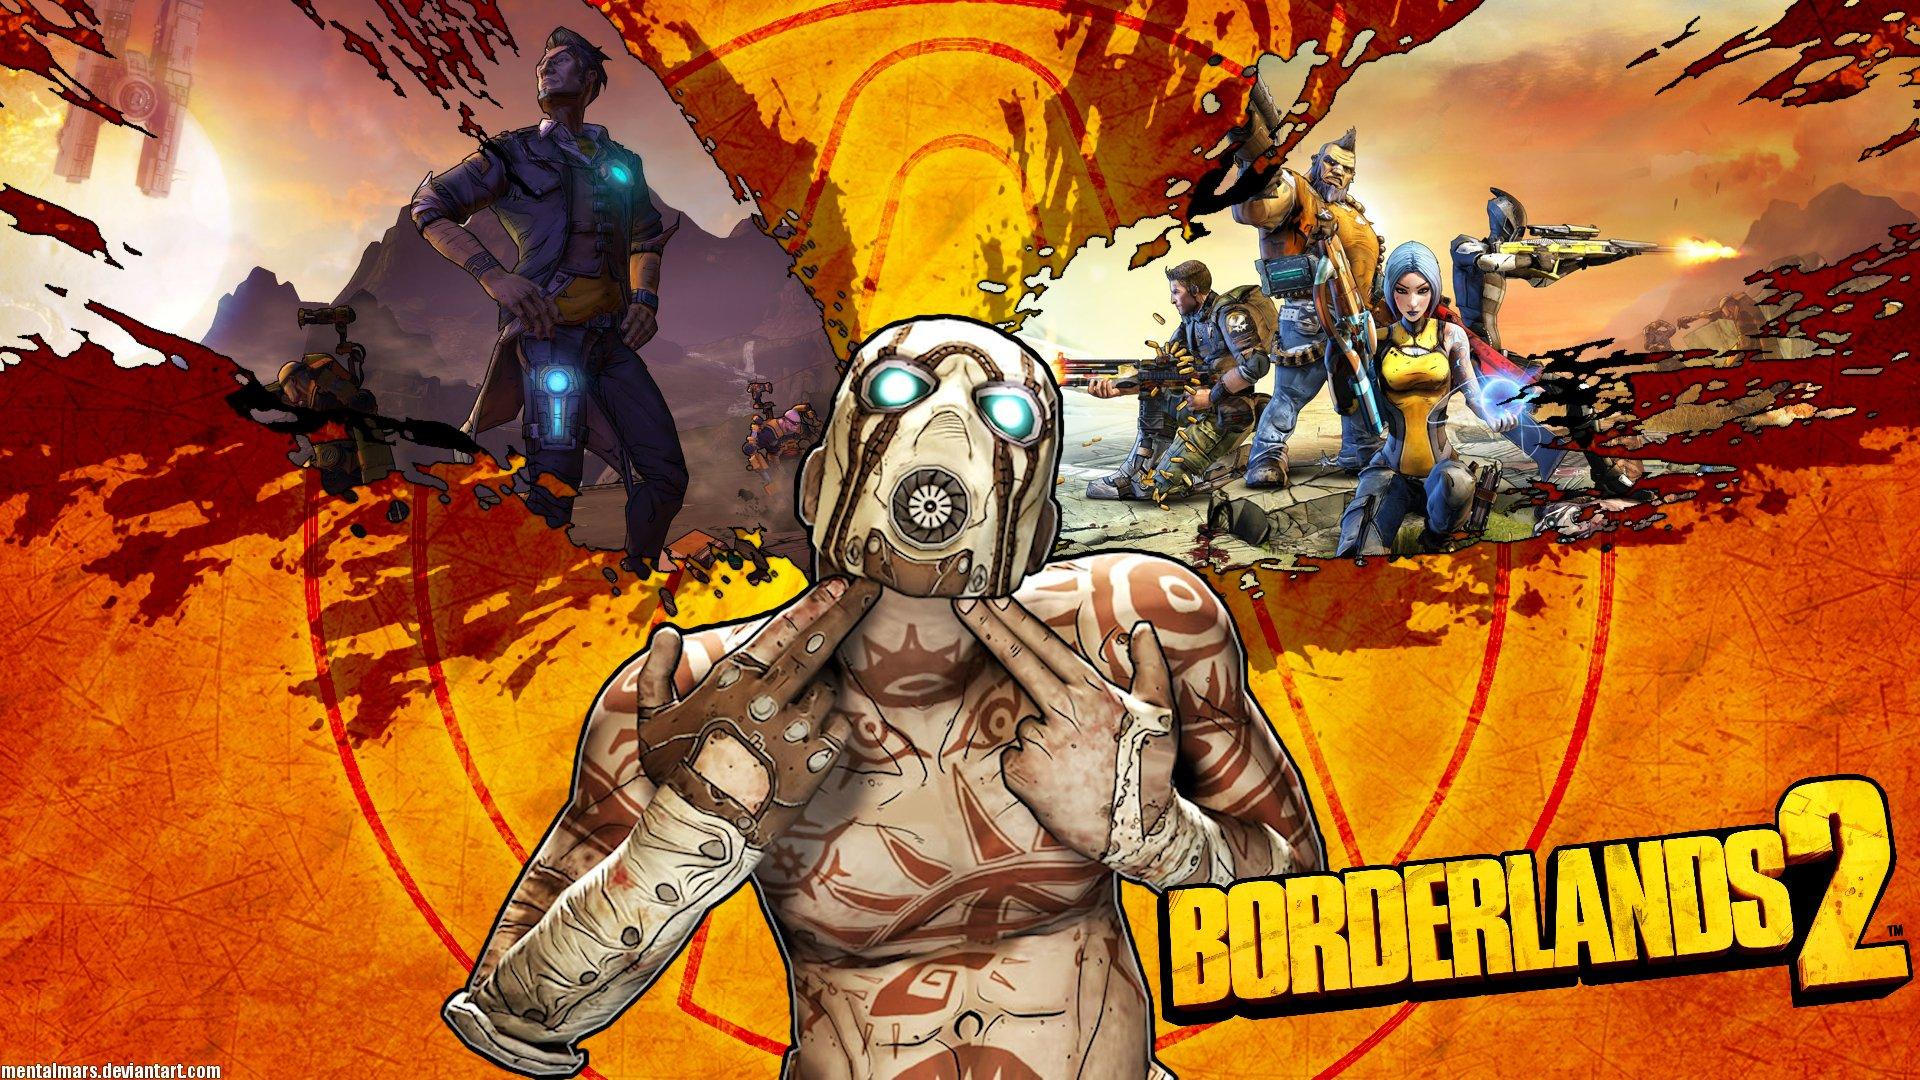 Borderlands 2Жанр: Шутер с элементами РПГДата выхода: В России 21 сентября 2012Разработчик: Gearbox SoftwareИздатель .... - Изображение 1